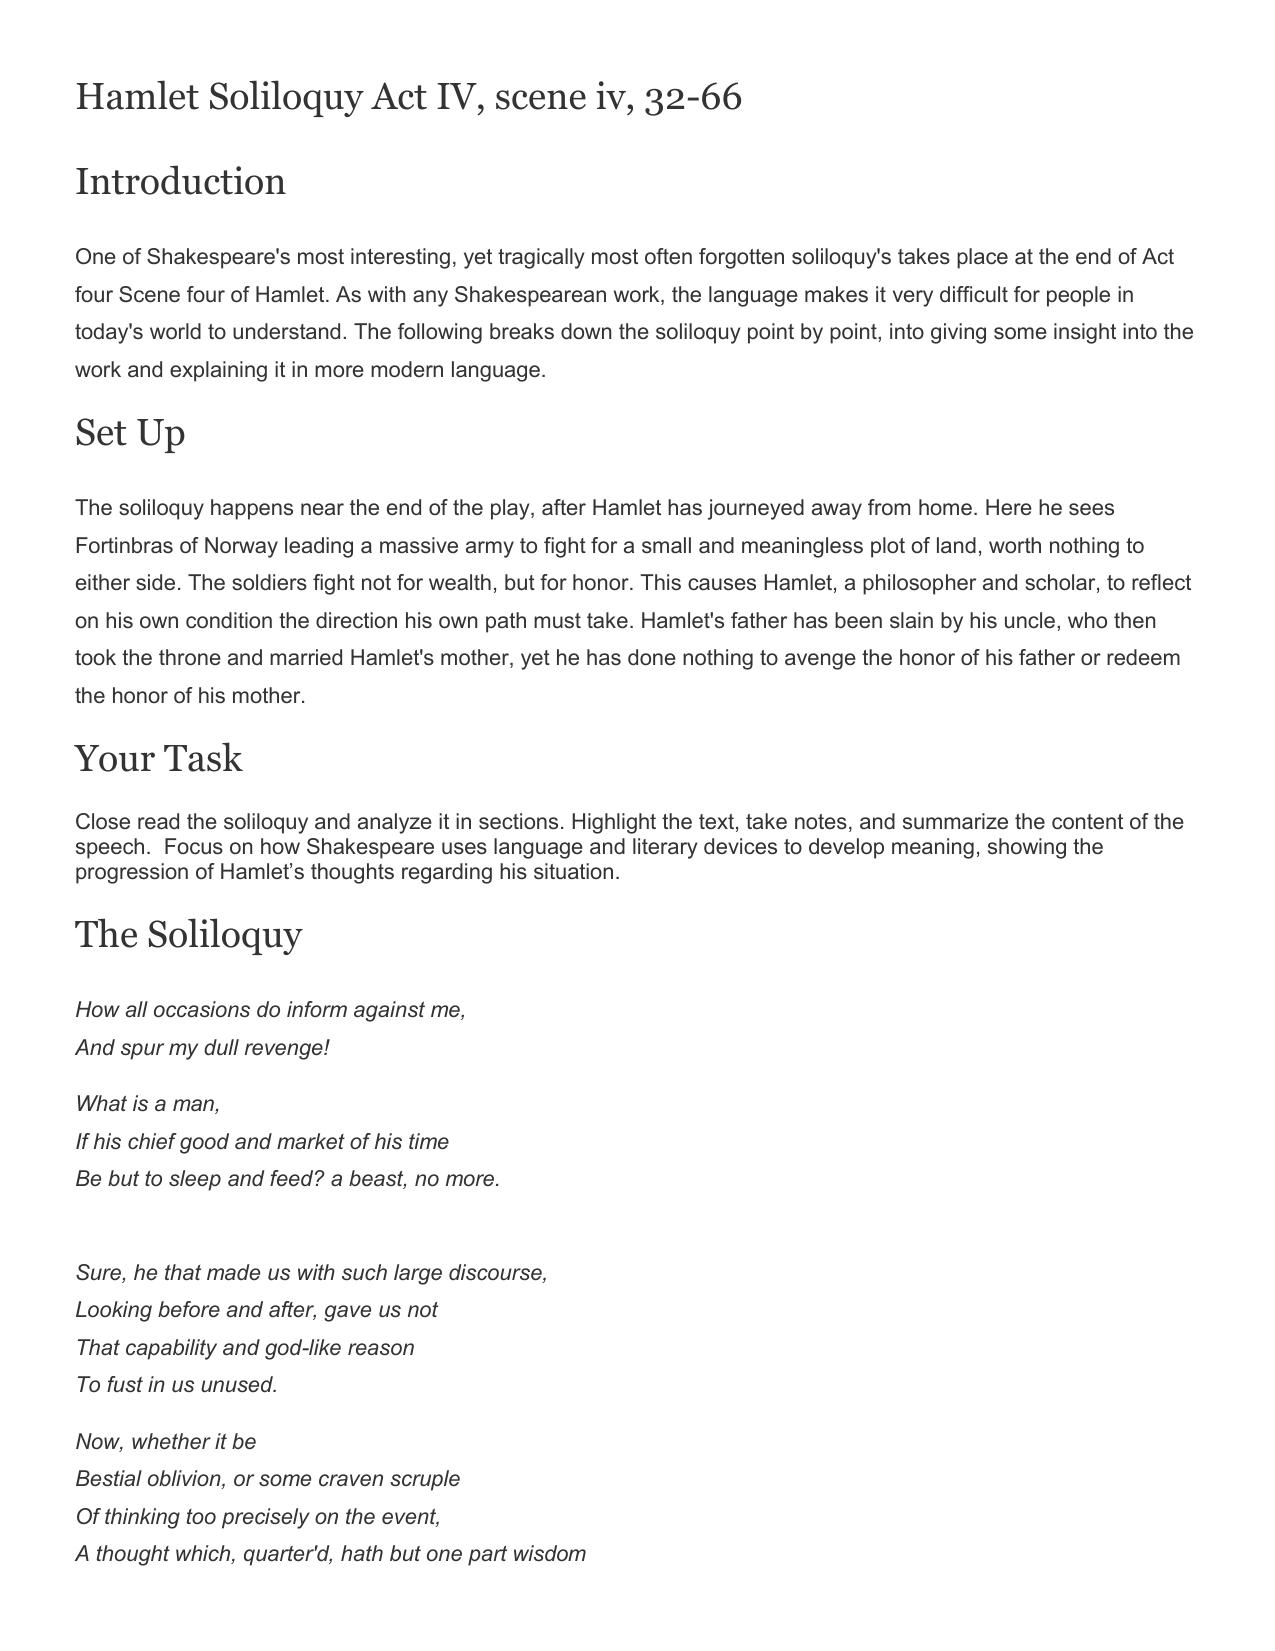 Workbooks shakespeare worksheets : Hamlet Soliloquy 4.4 Worksheet